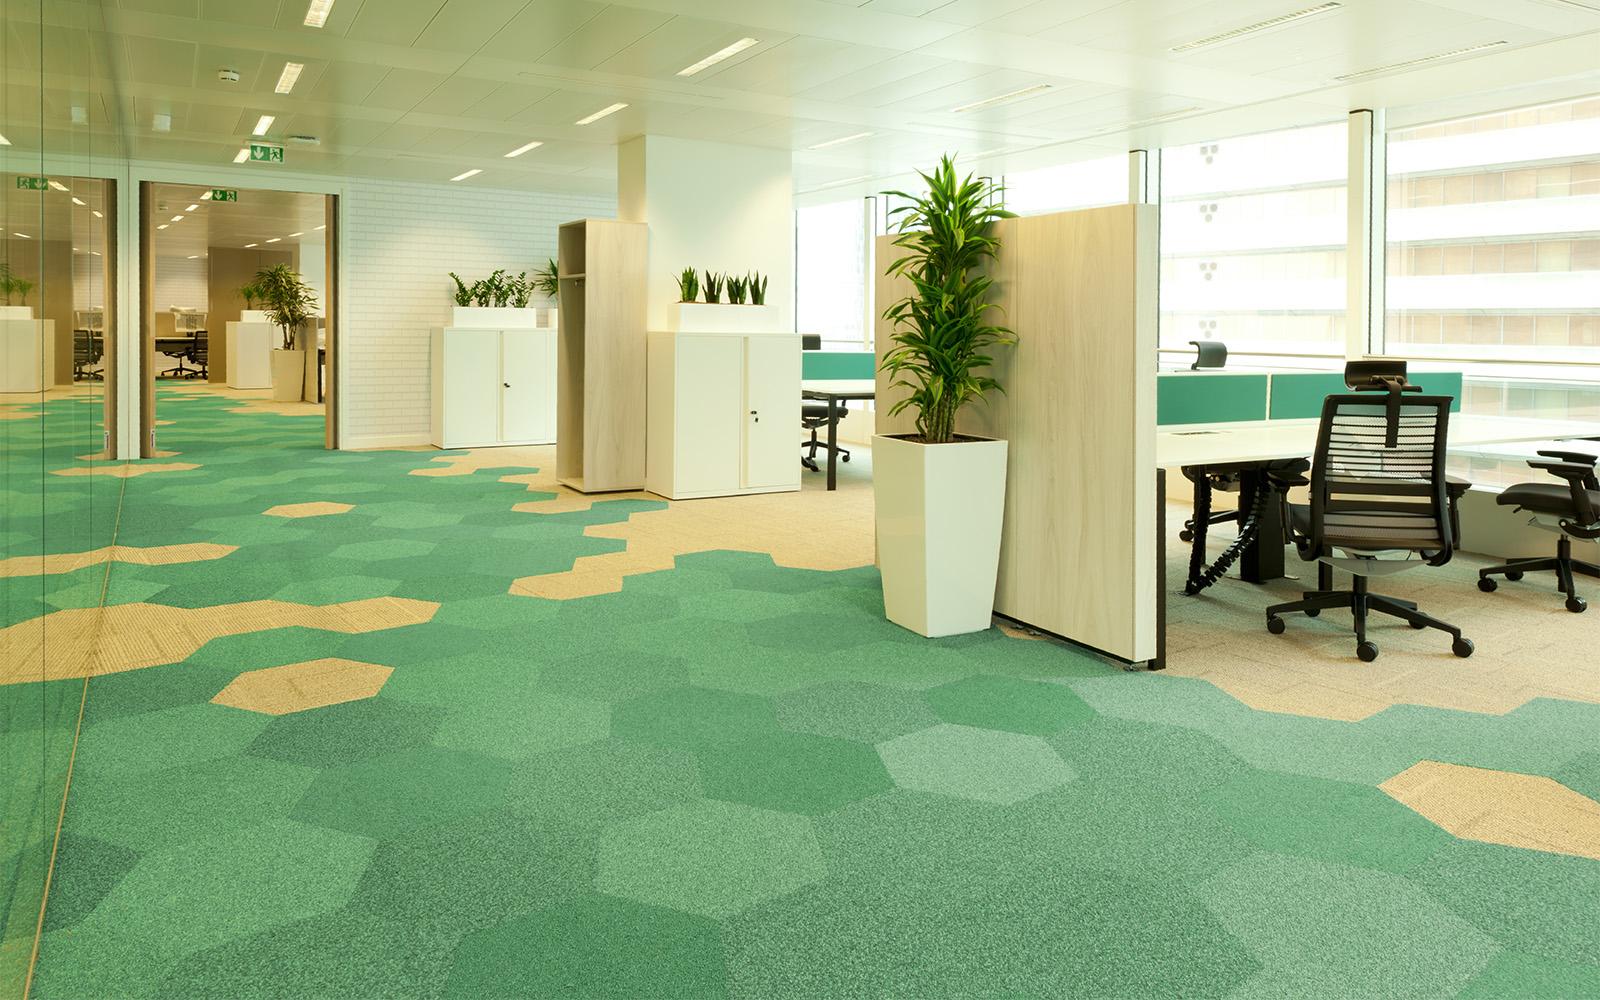 Dalles hexagonales ege dans différentes nuances de vert et de jaune, utilisées pour indiquer le chemin dans un bureau